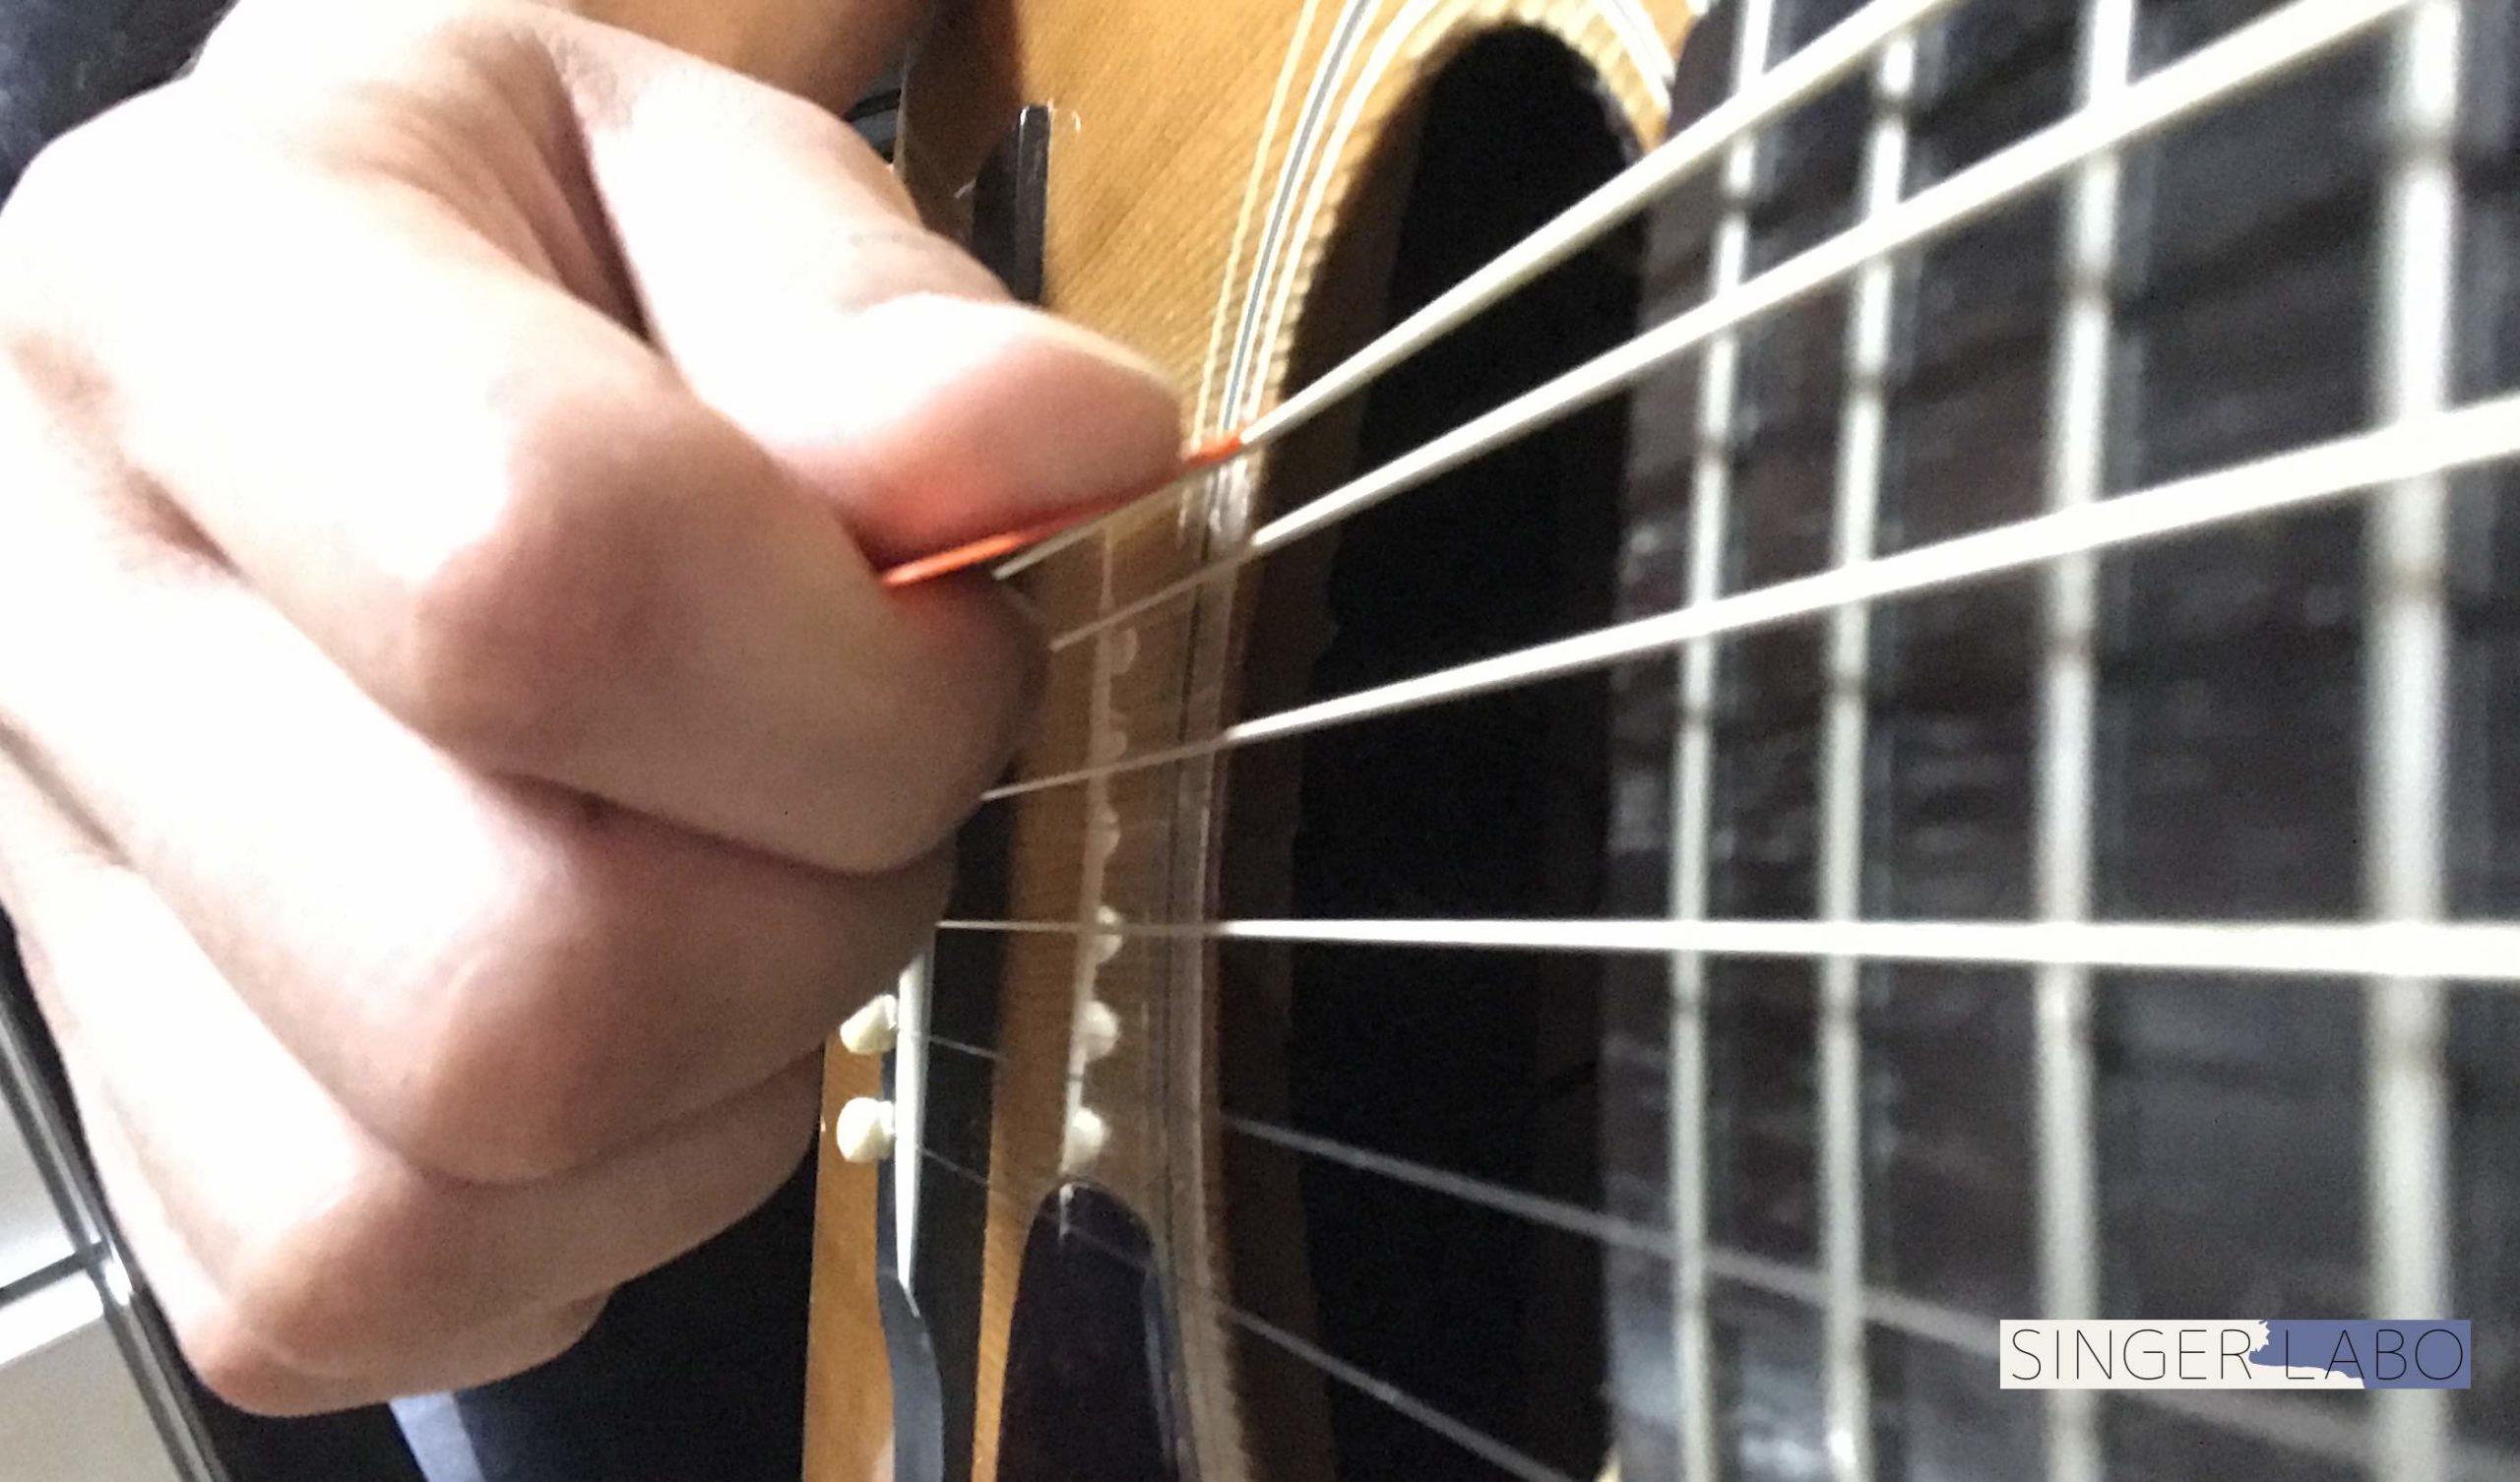 弦の抵抗に負けるくらいの握り加減が良い